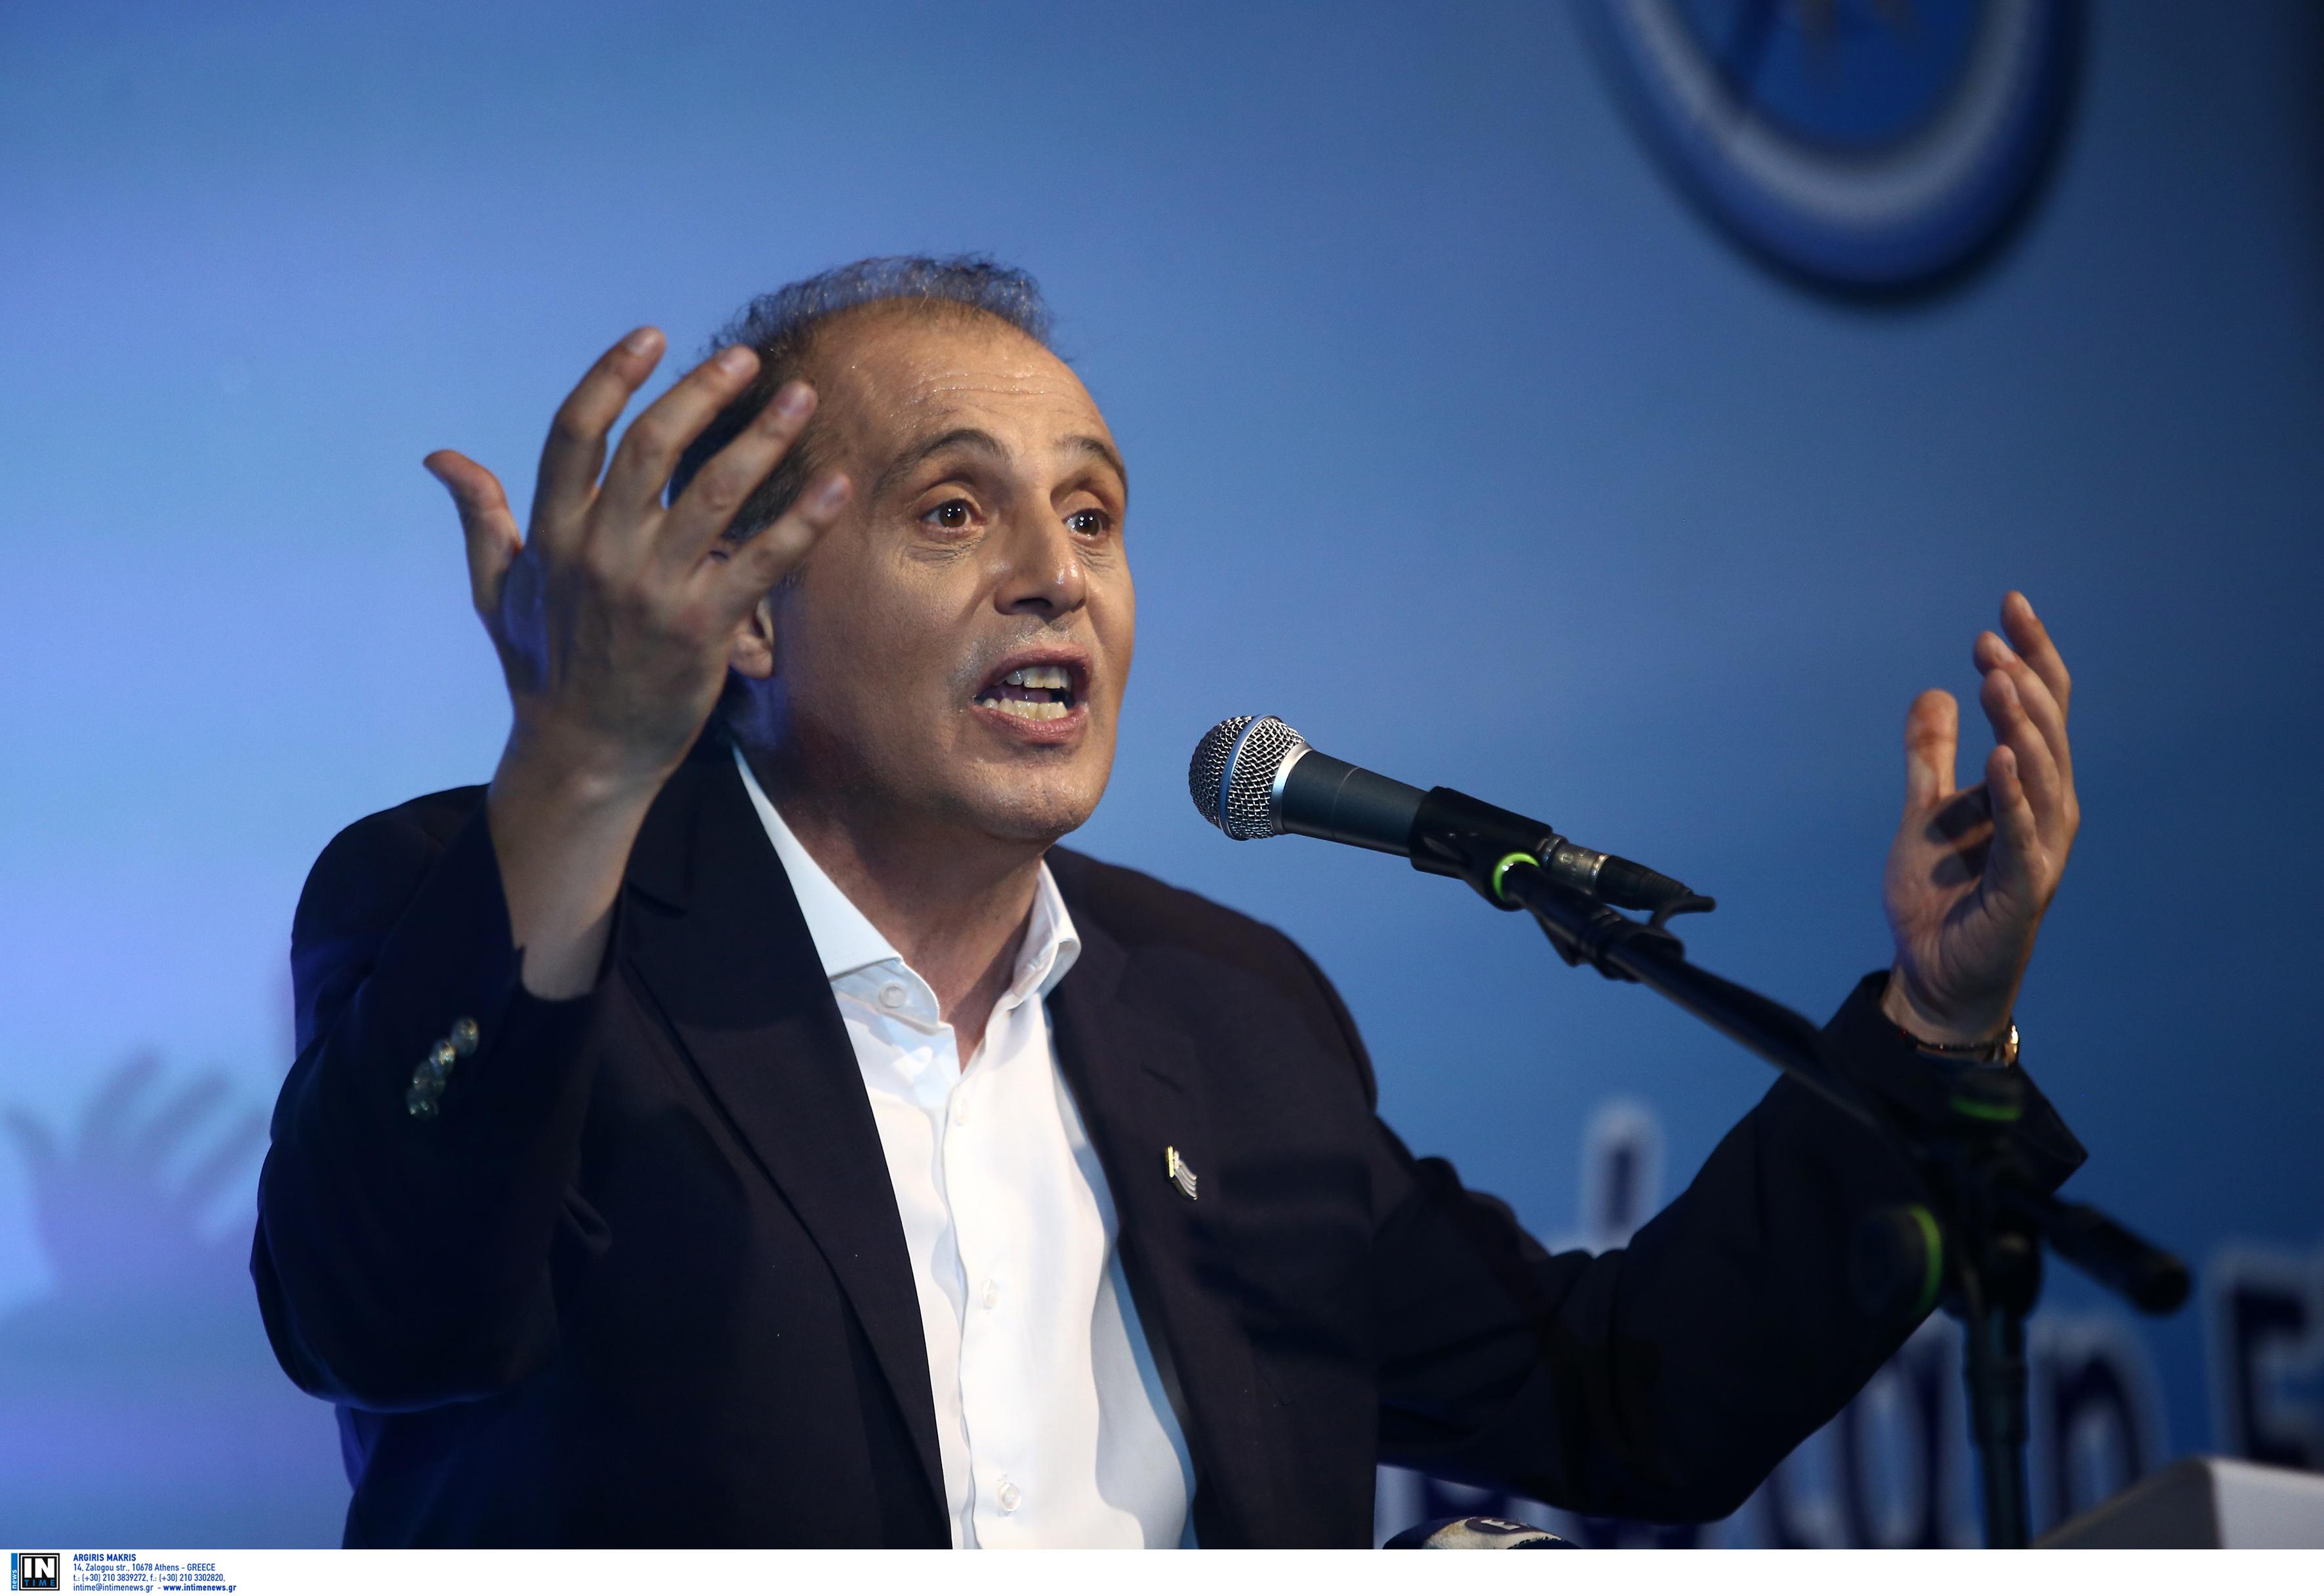 Ελληνική Λύση: Την έδρα στη Λάρισα κρατάει ο Κυριάκος Βελόπουλος